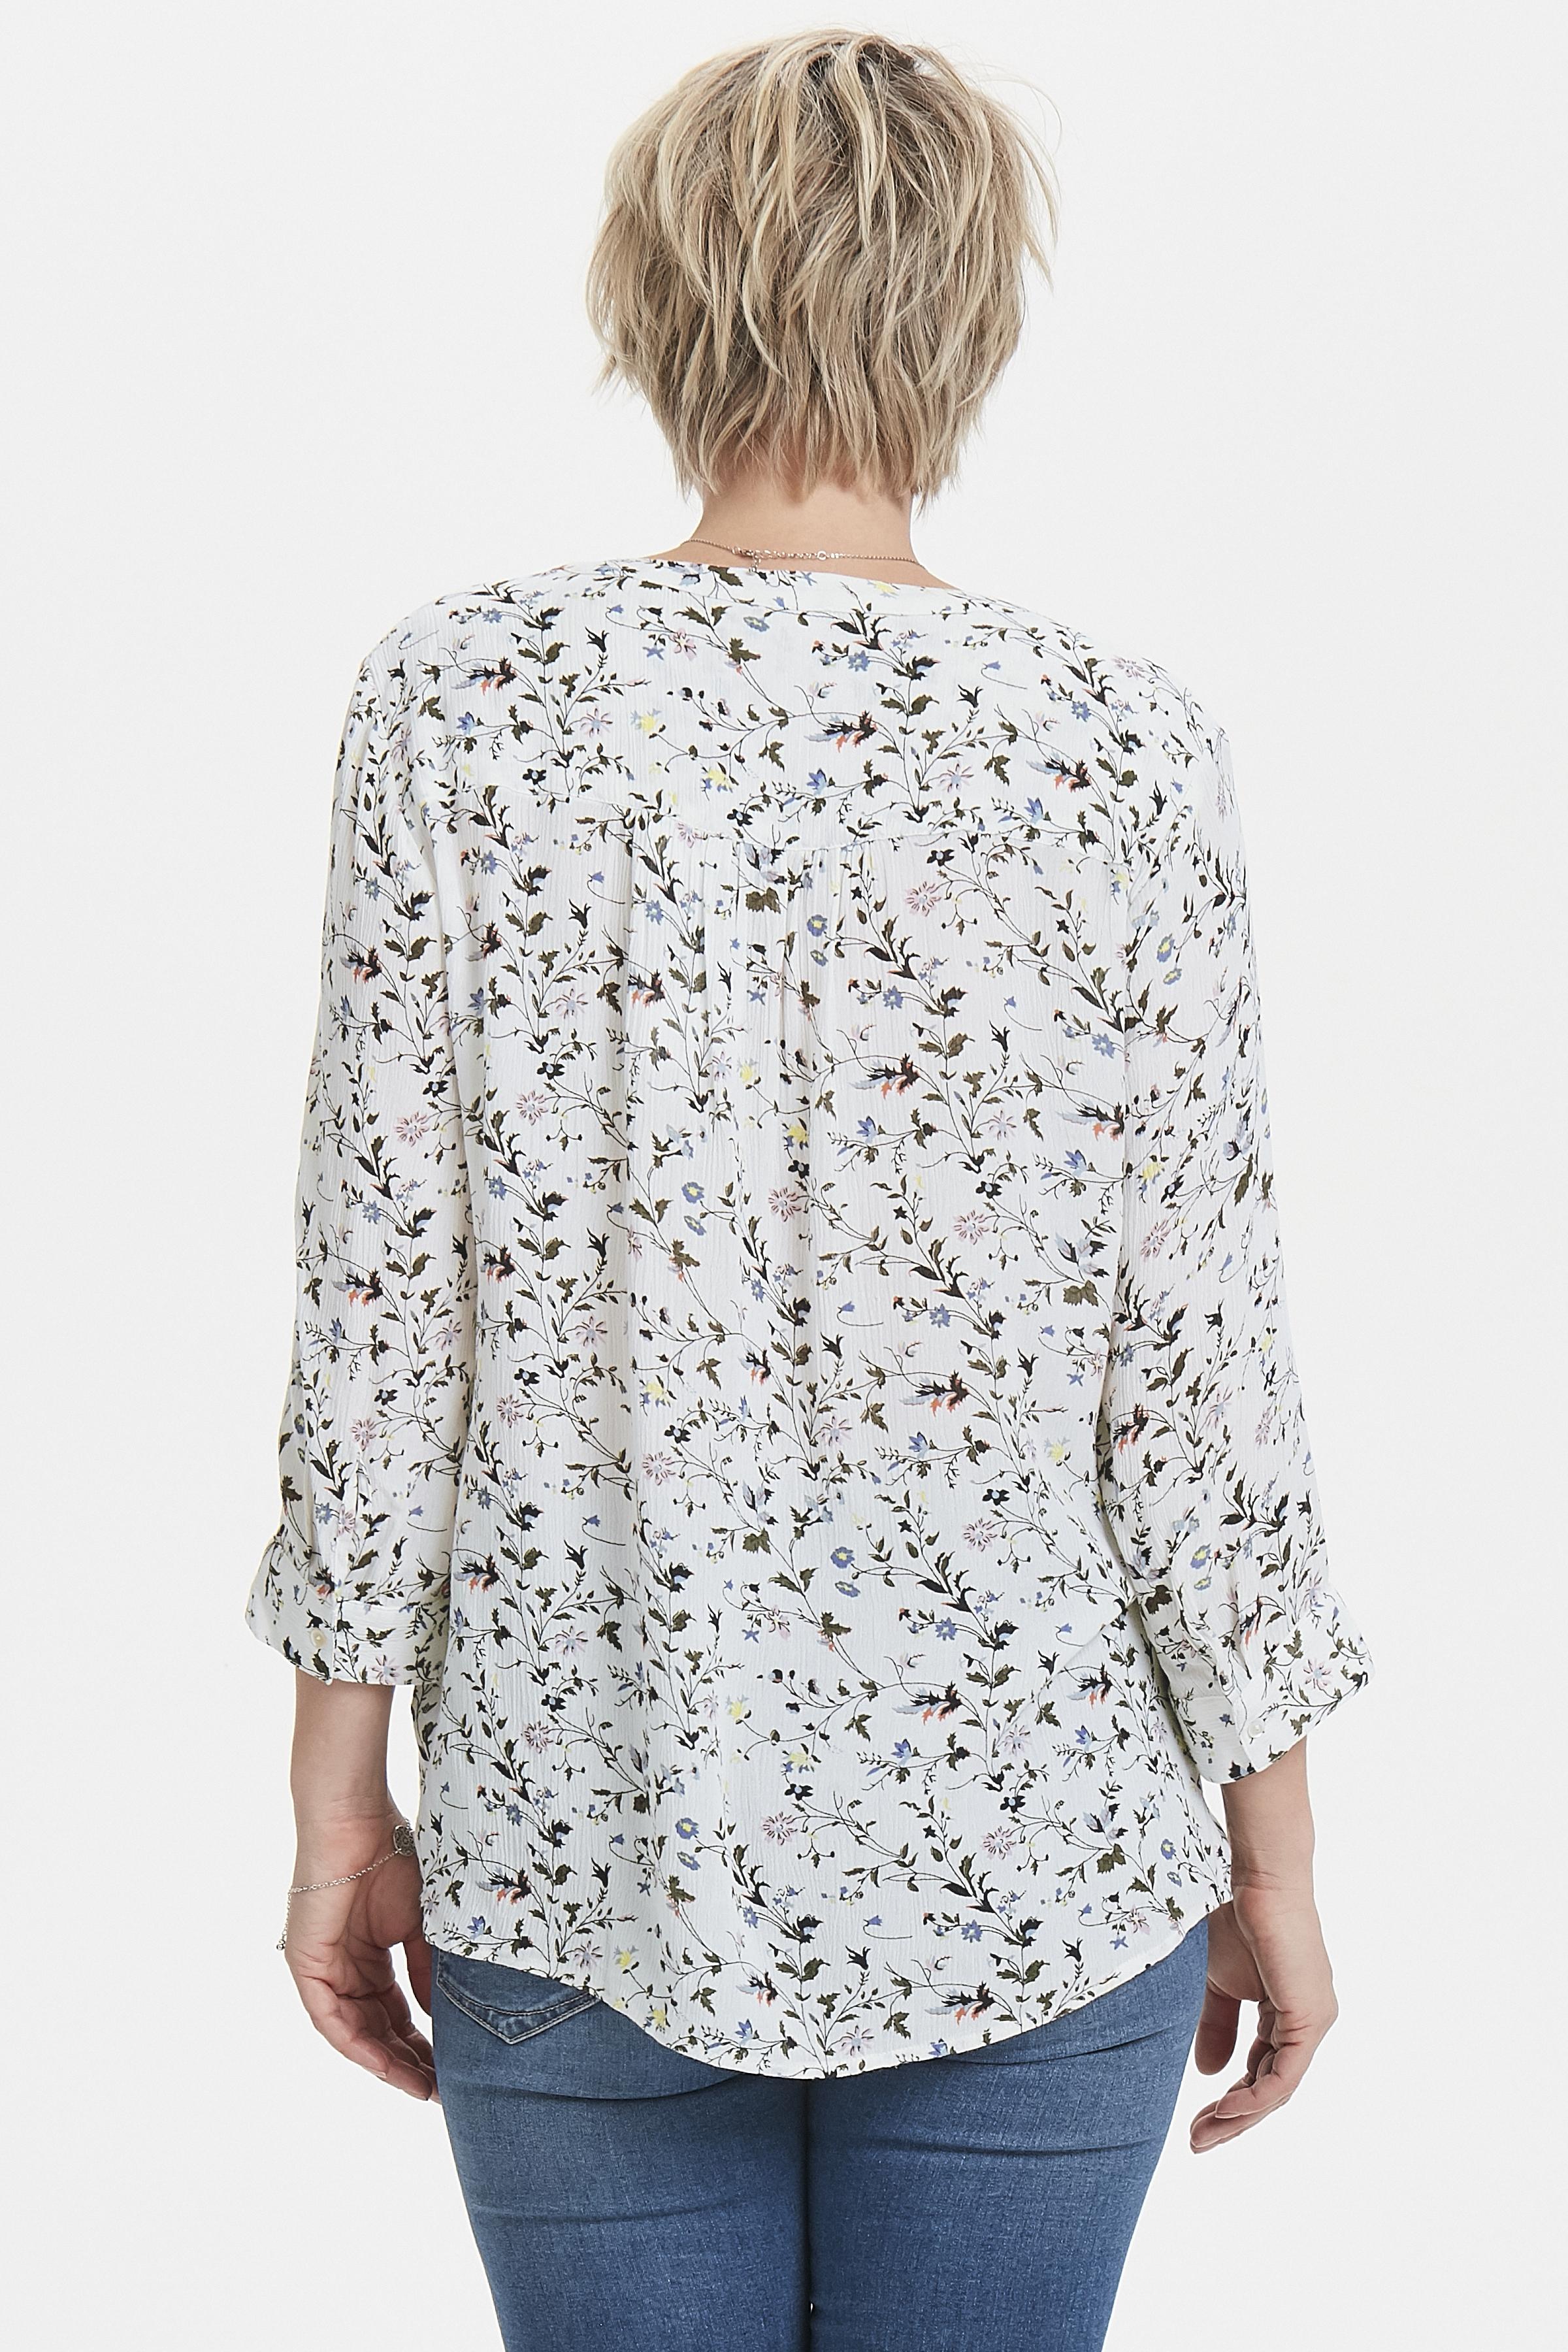 Wollweiß/olivgrün Bluse von Fransa – Shoppen Sie Wollweiß/olivgrün Bluse ab Gr. XS-XXL hier